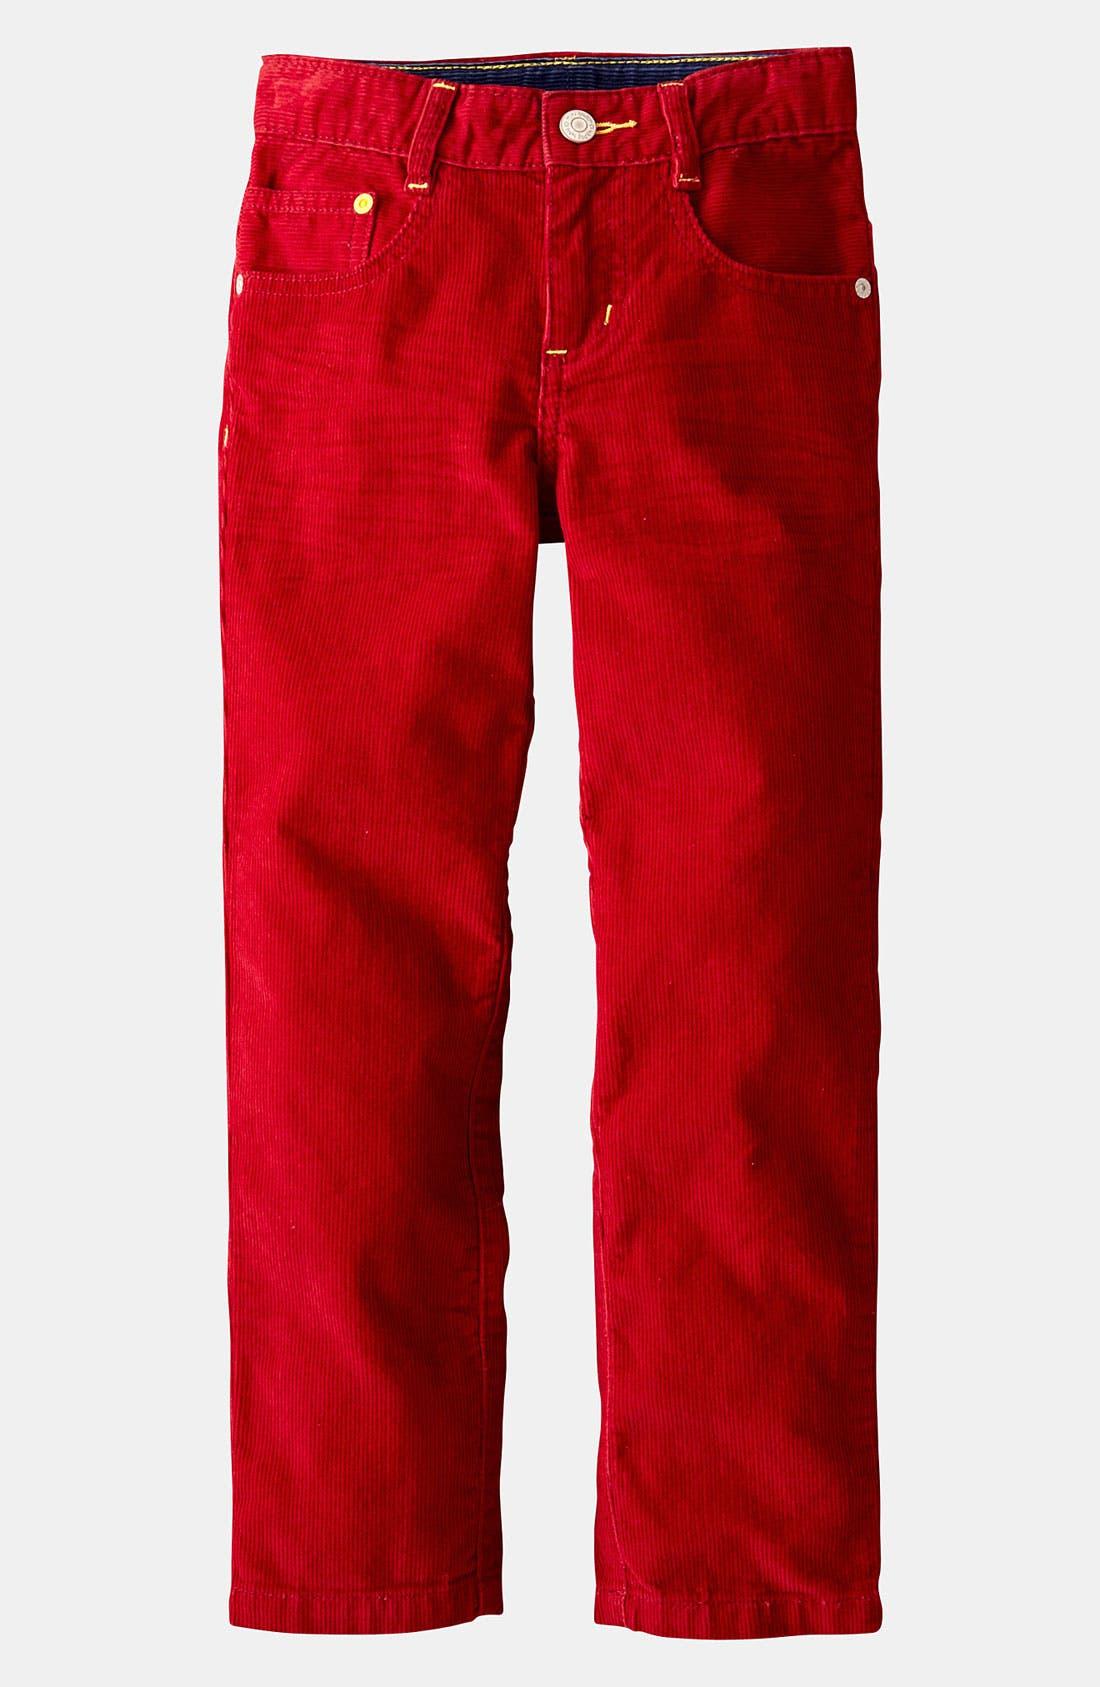 Main Image - Mini Boden 'Preppy' Slim Corduroy Pants (Toddler)